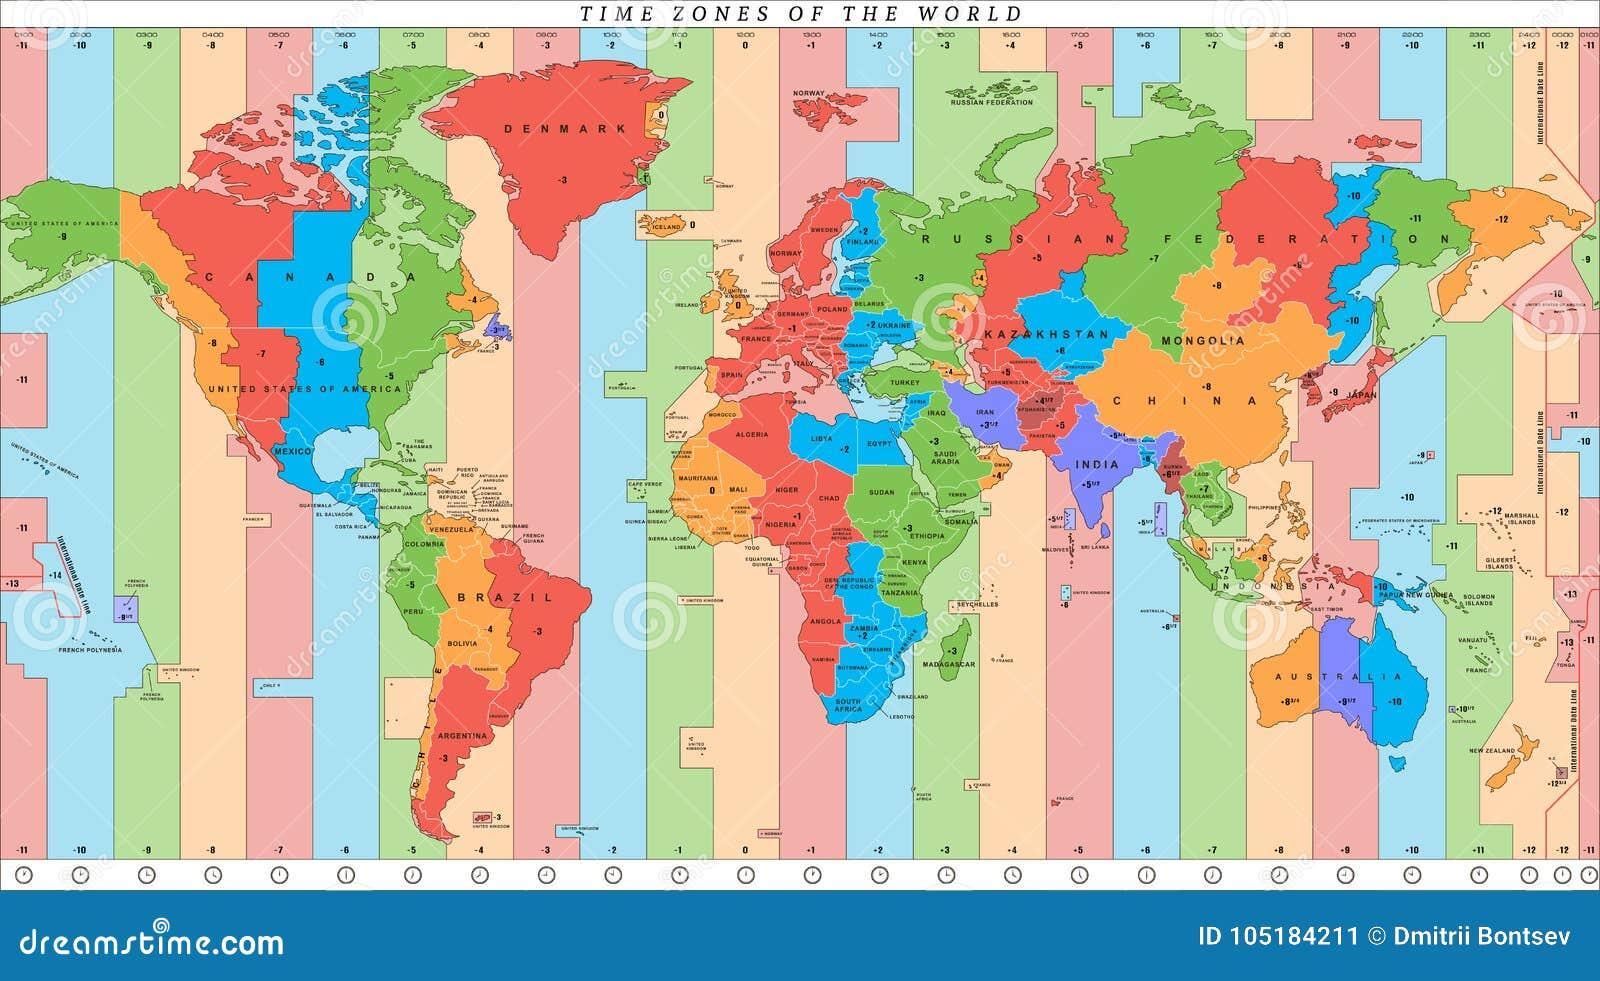 Karta Usa Tidszoner.Tidszoner Karta Aigb